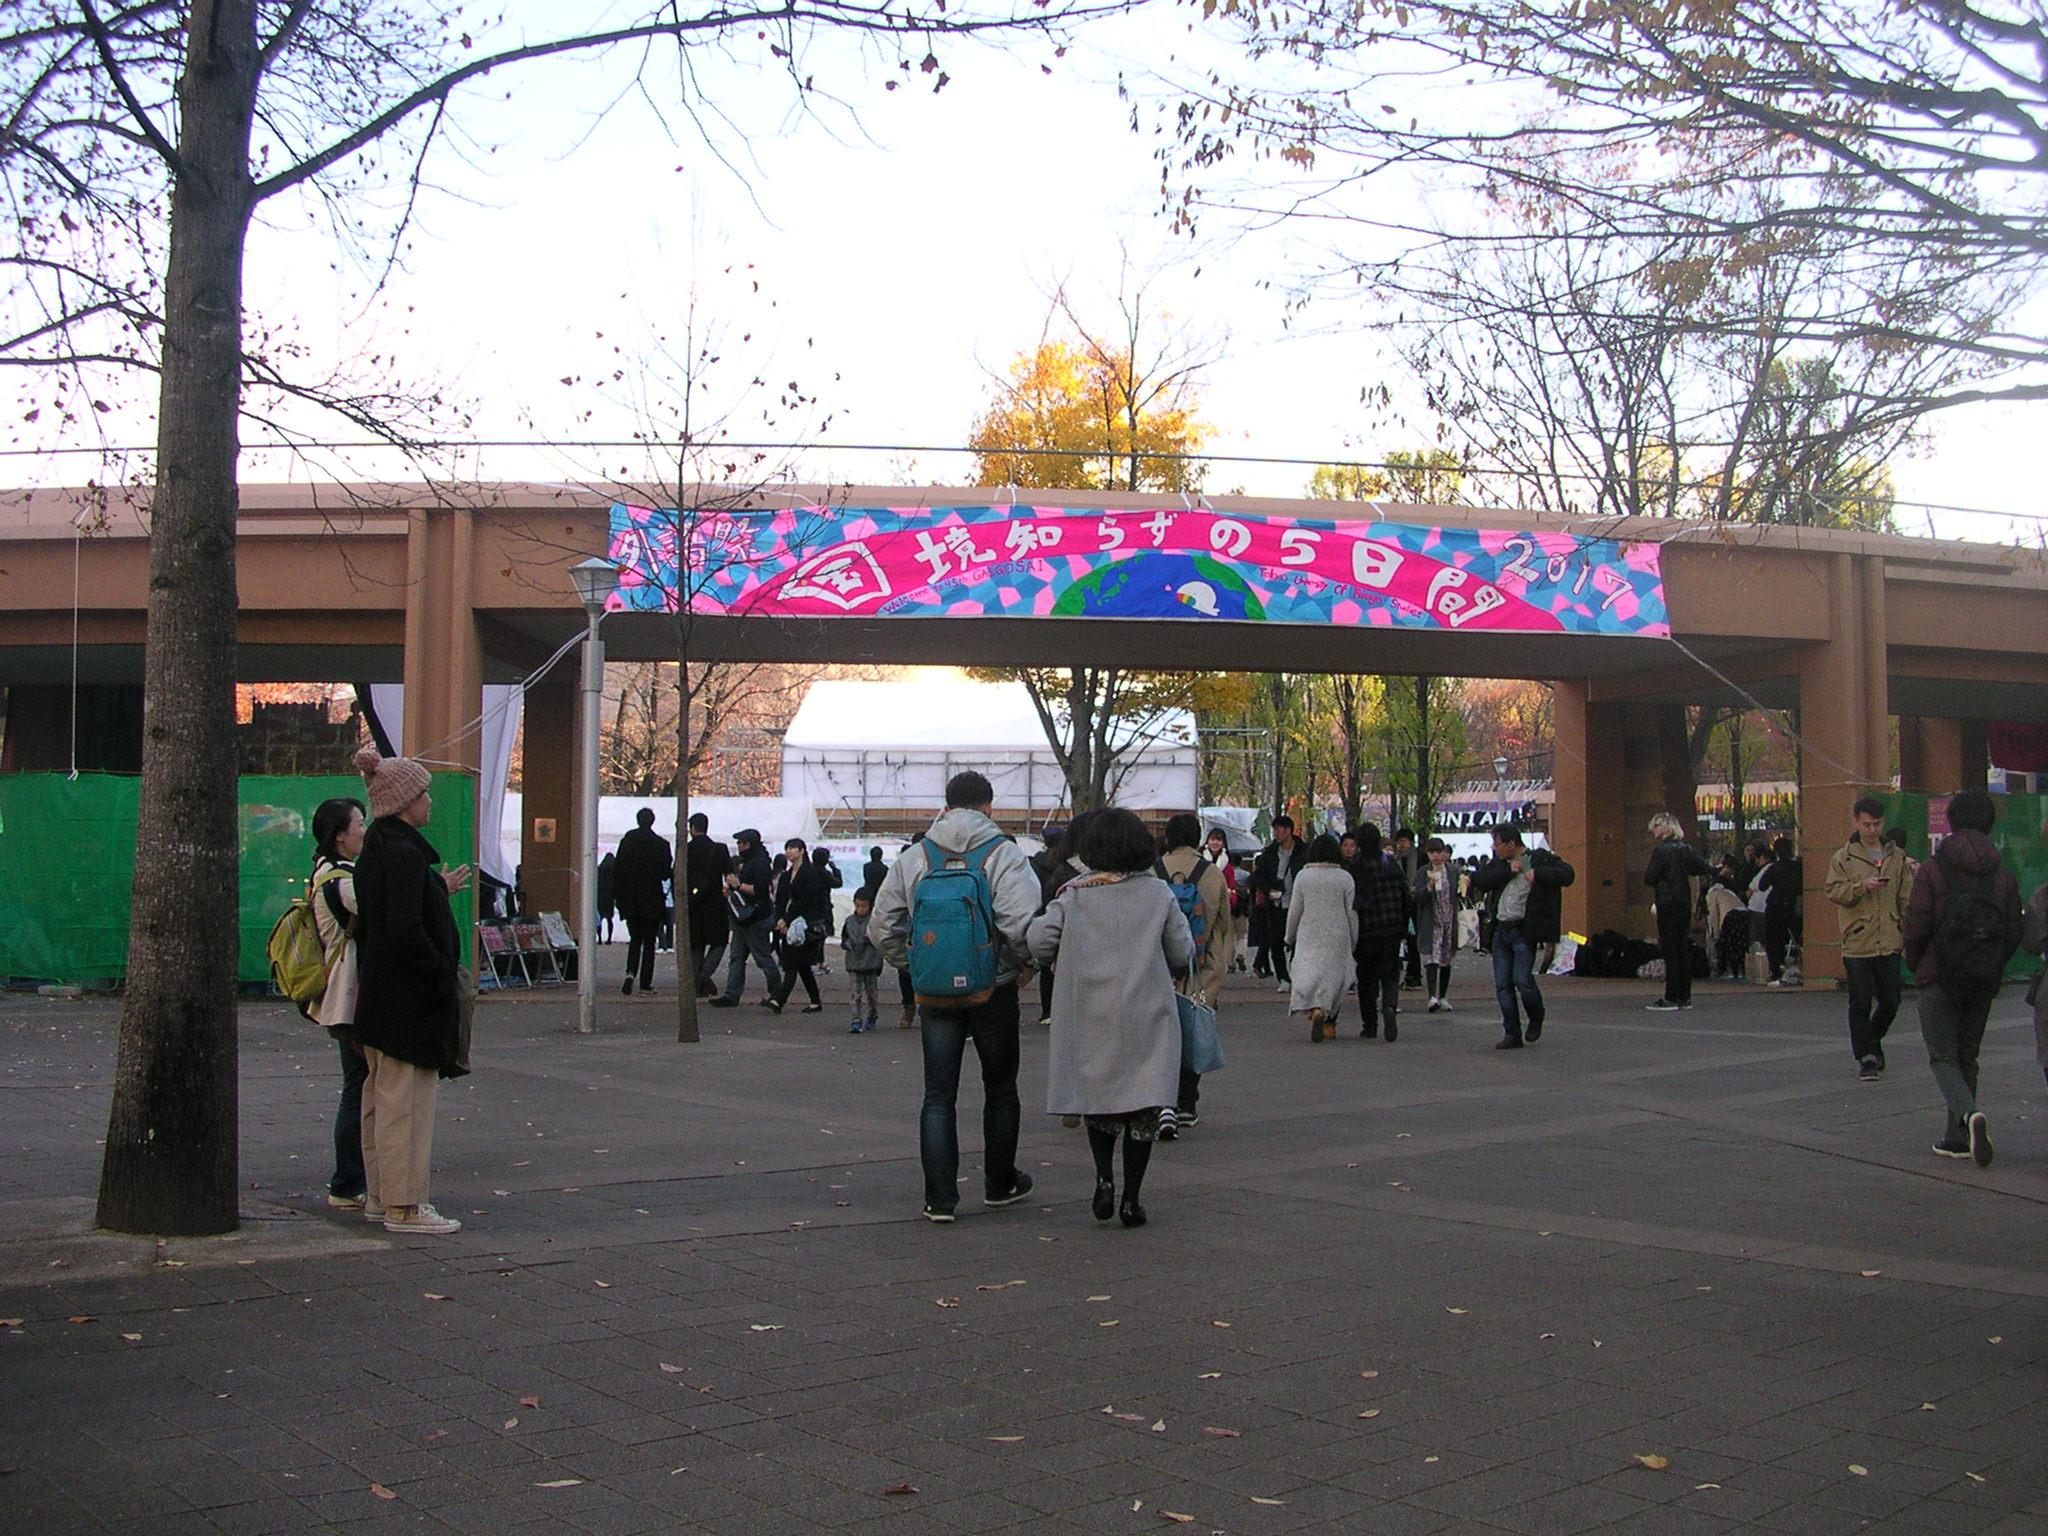 DSCN0981